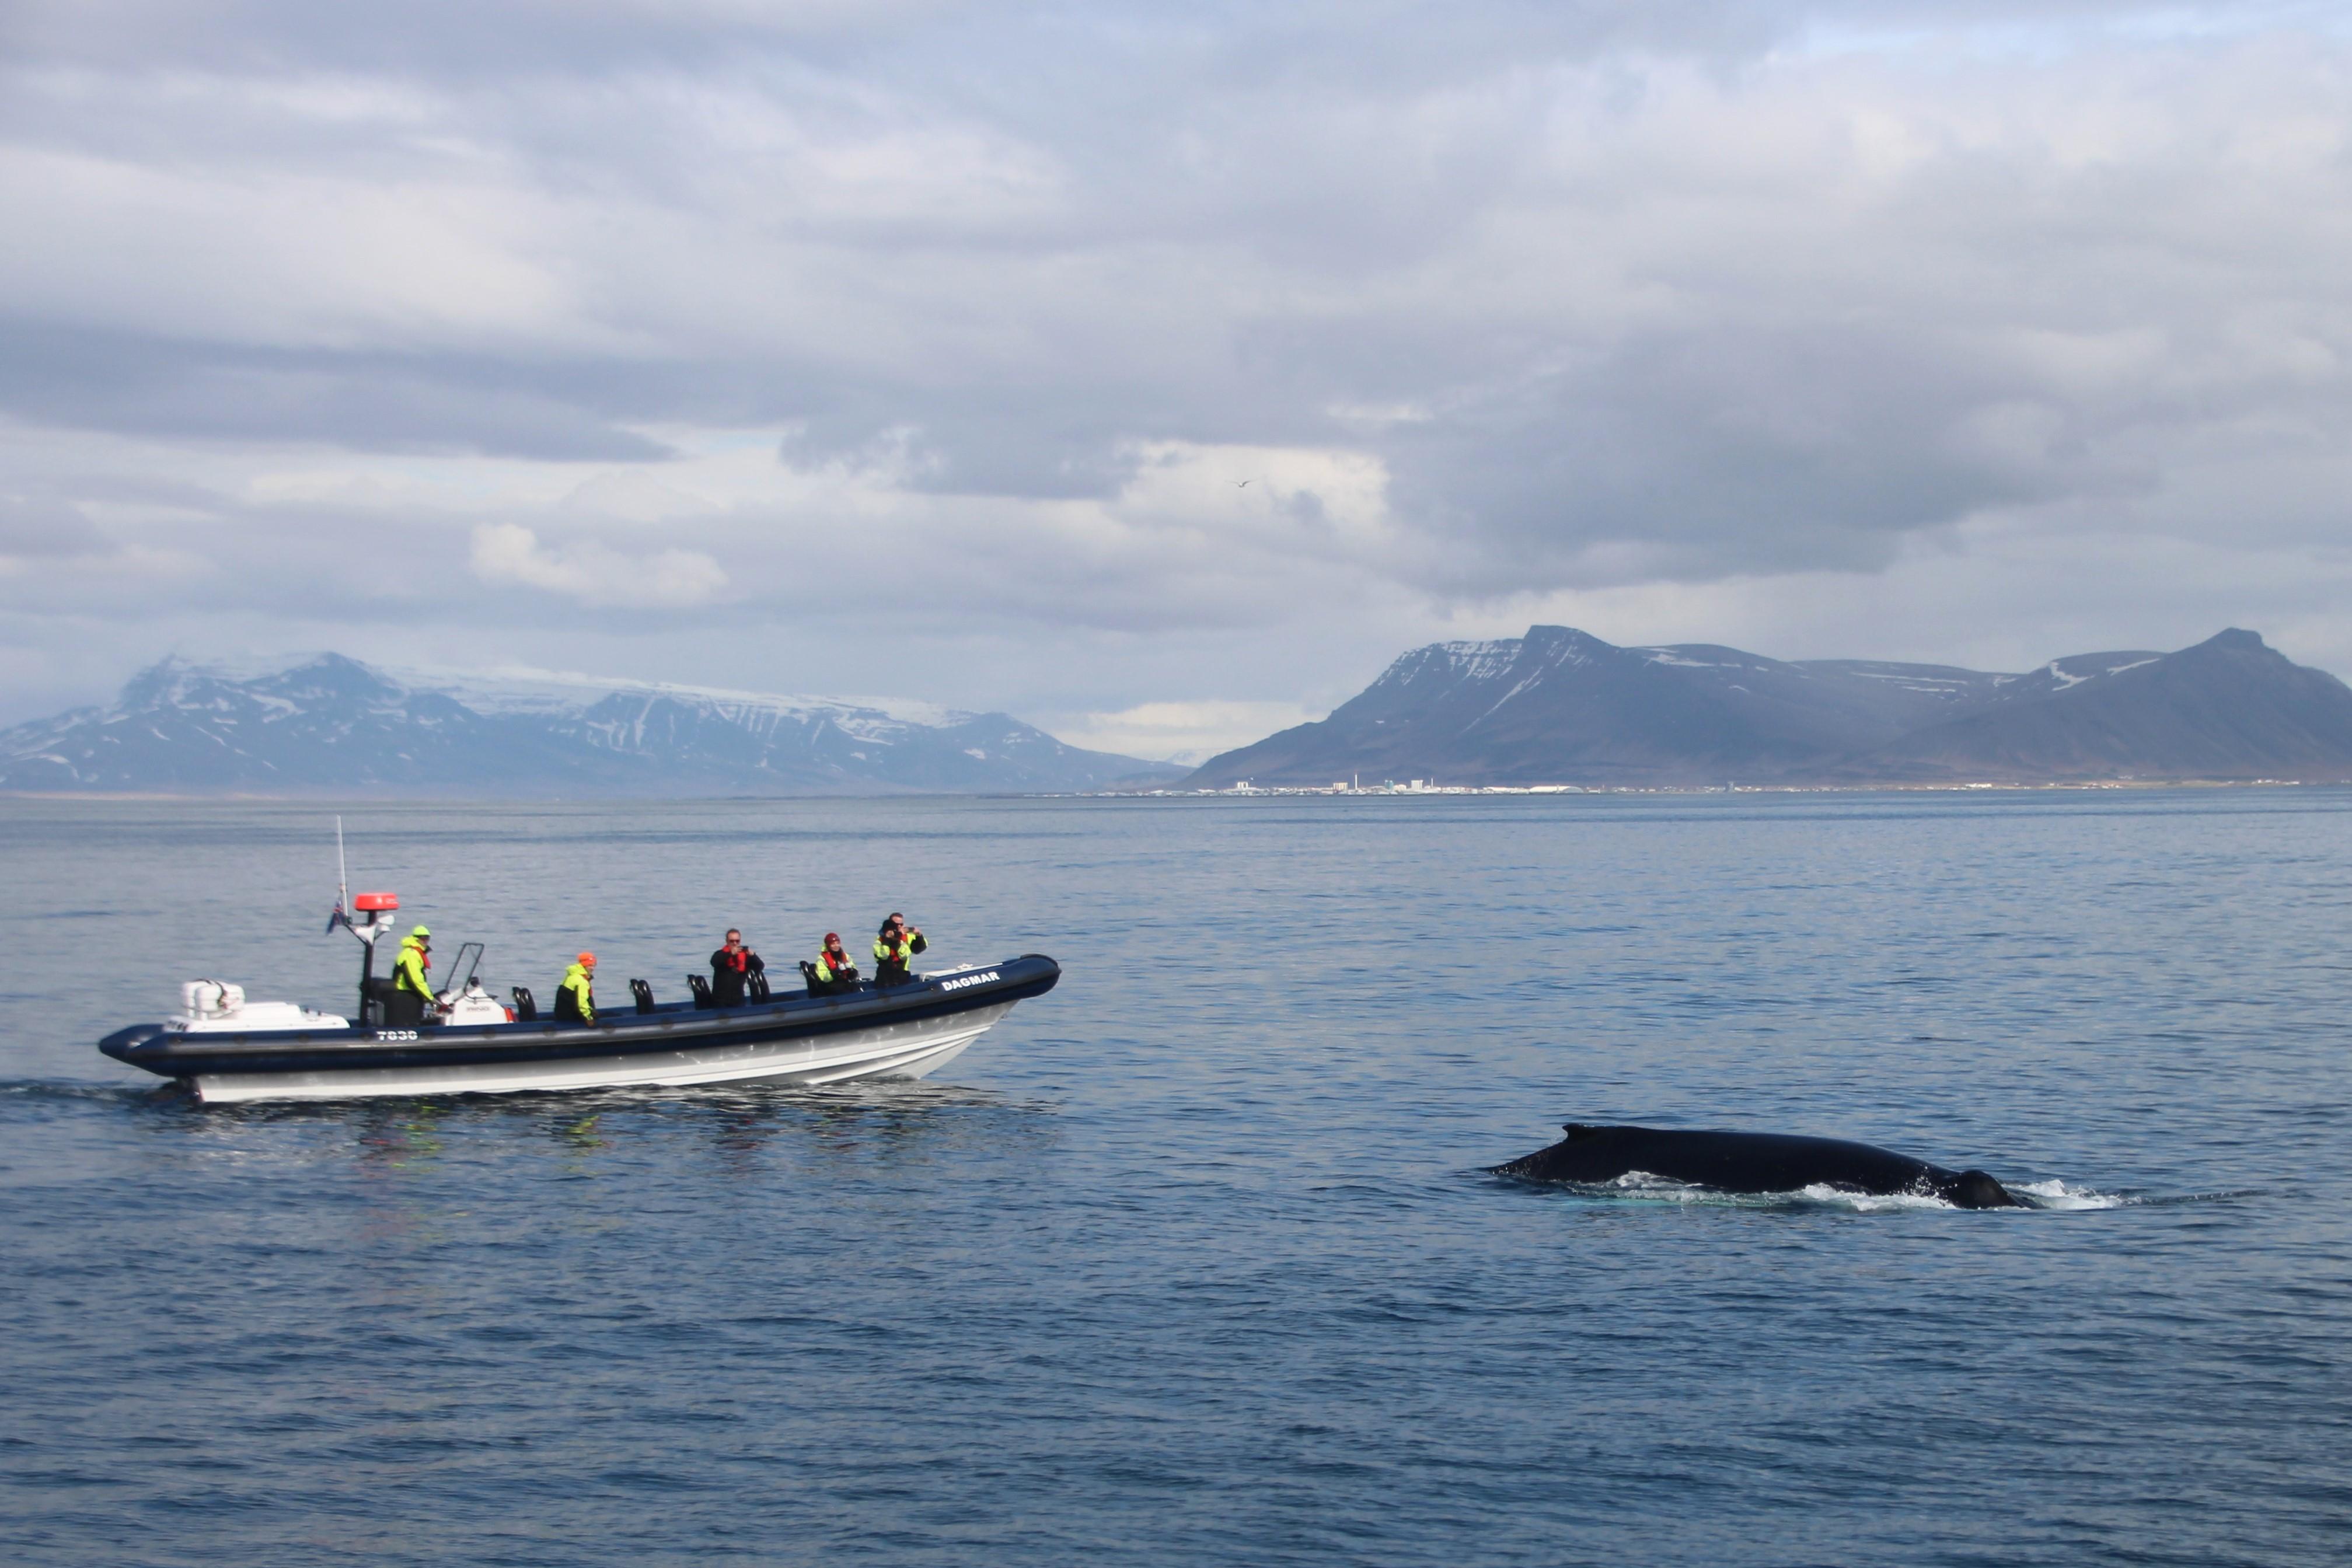 大型船よりも間近にクジラを観察できるRIBボートに乗ってホエールウォッチングを体験しよう!